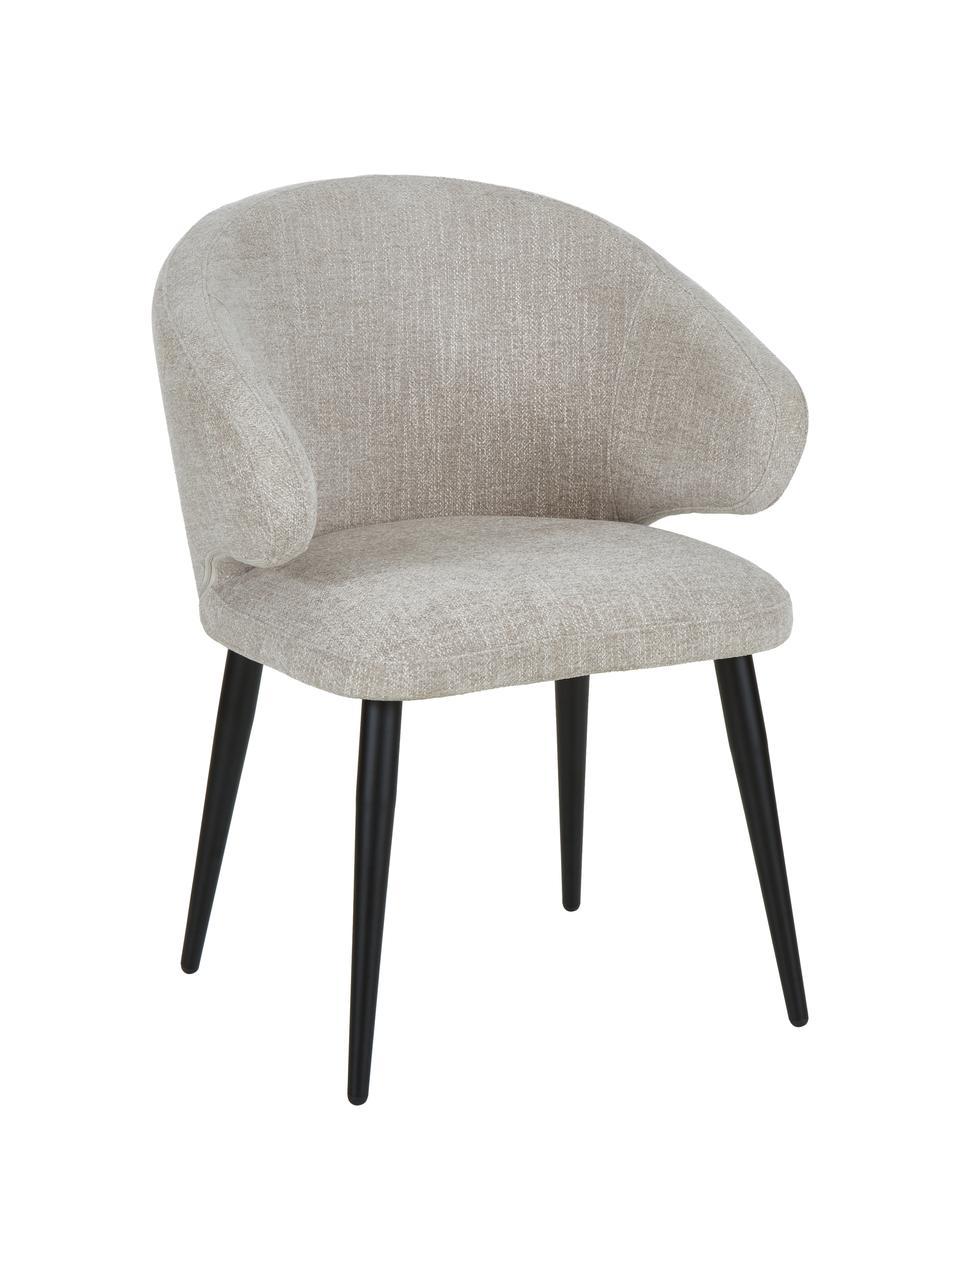 Sedia con braccioli in tessuto grigio chiaro Celia, Rivestimento: tessuto (80% poliestere, , Gambe: metallo verniciato a polv, Tessuto grigio chiaro, Larg. 57 x Prof. 62 cm